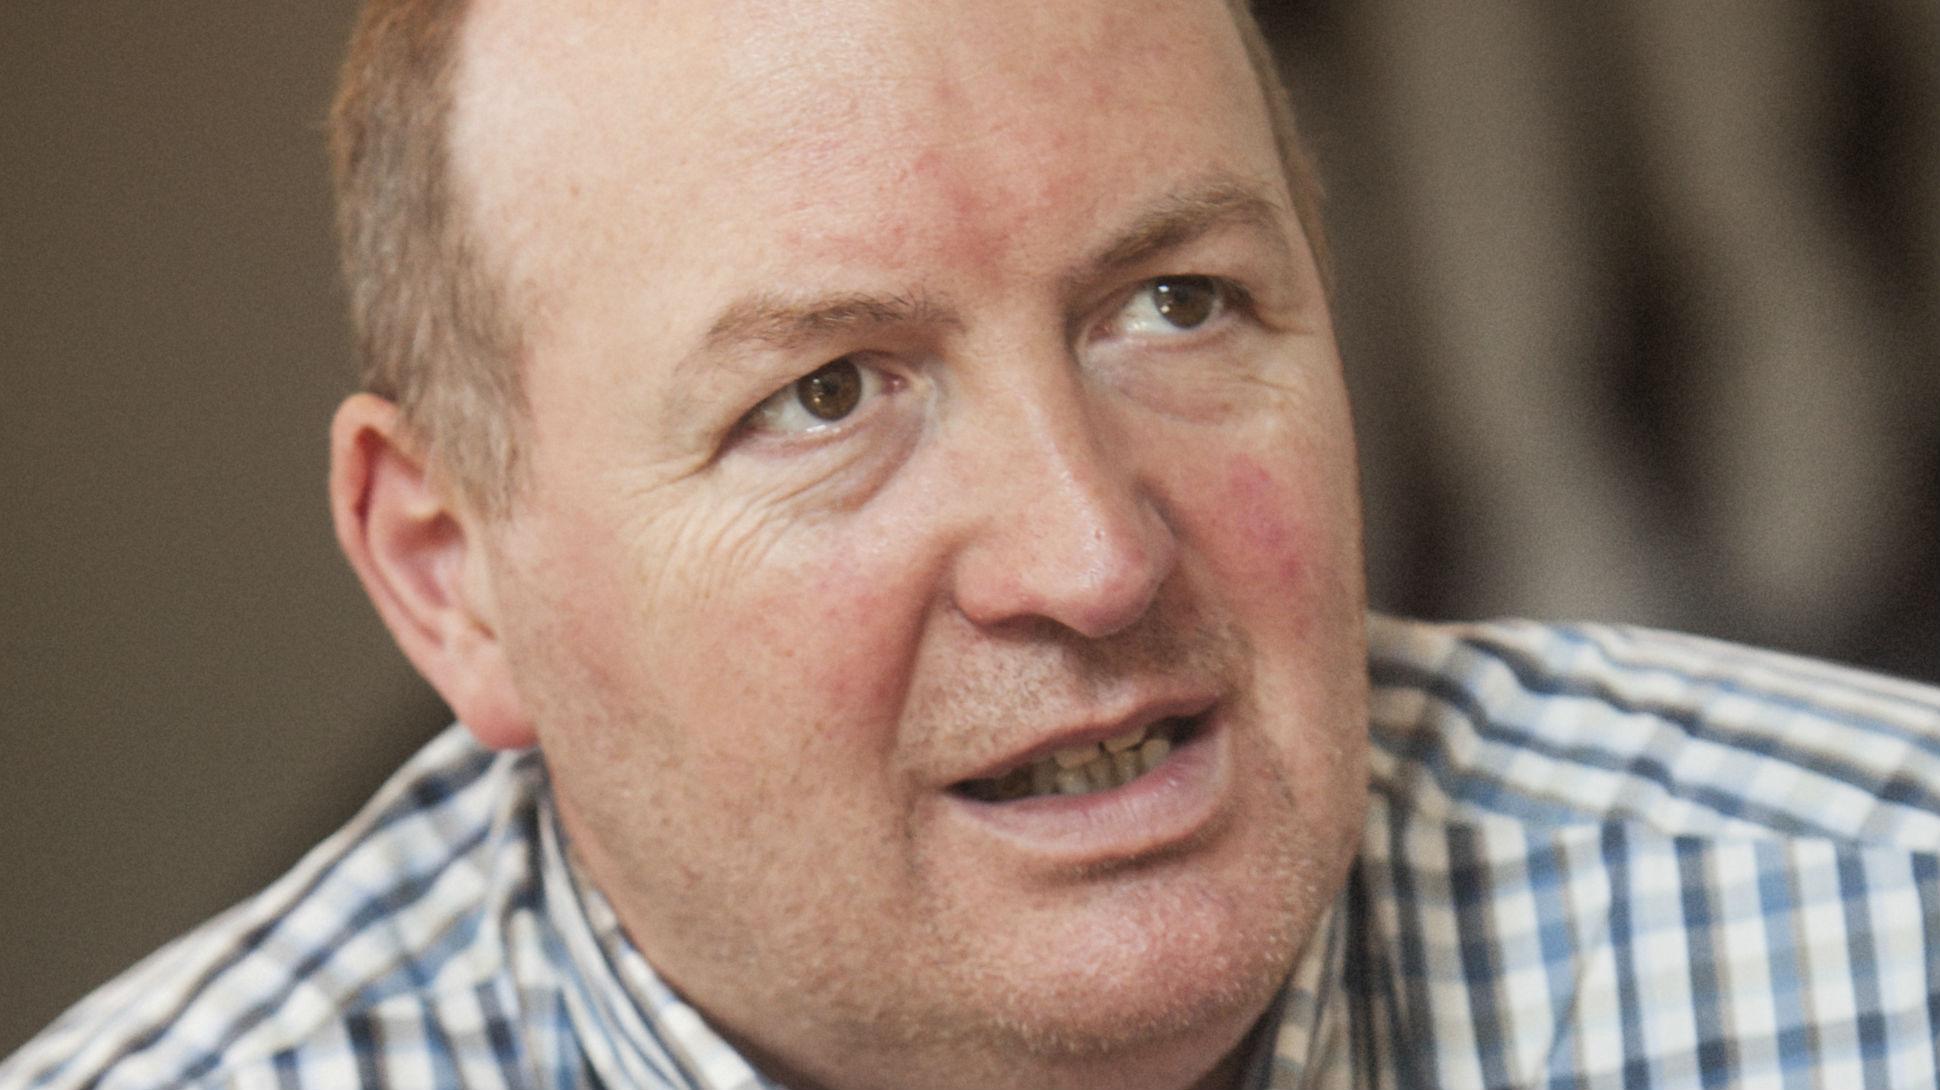 Rudi Veekhoven